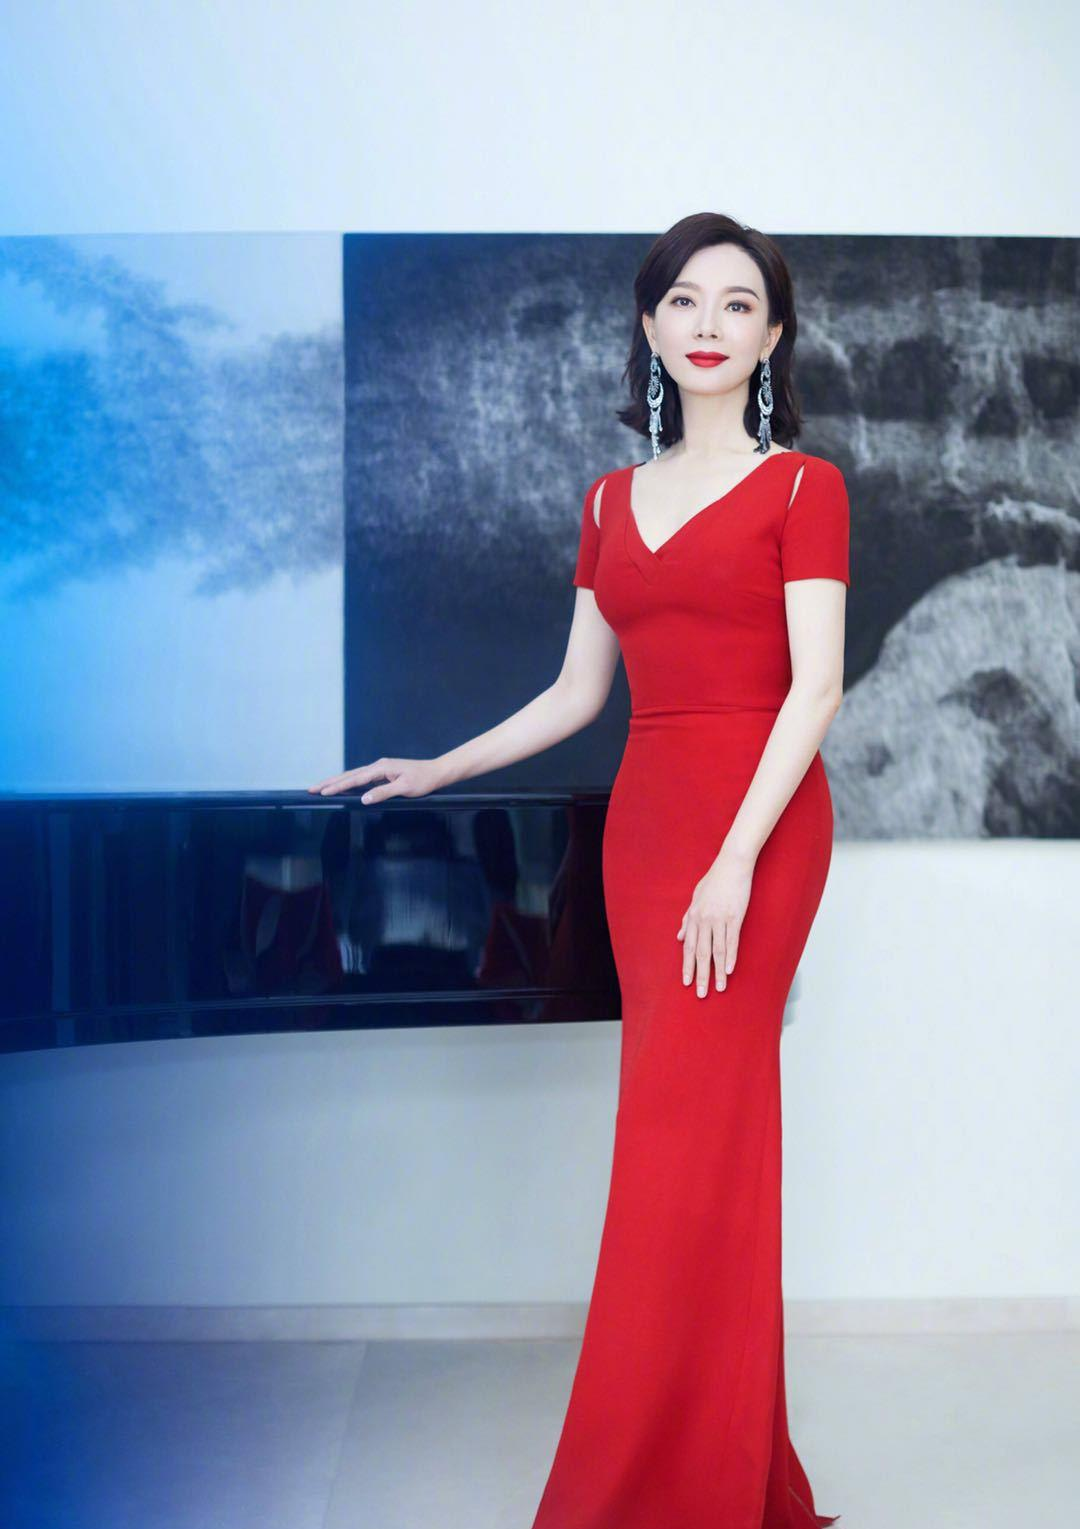 陈数出席北京国际电影节,一袭中国红鱼尾长裙,精致高级美成焦点